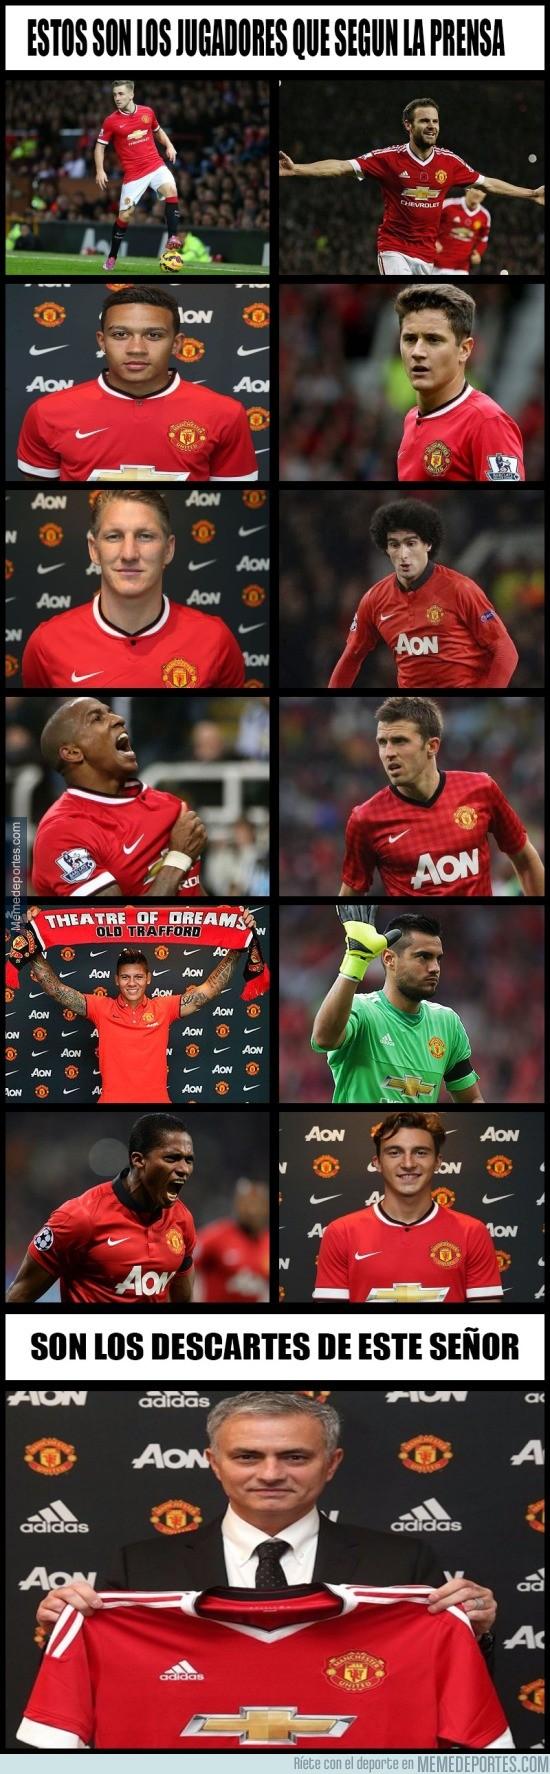 868474 - Ésta es la lista de descartes que tiene preparada Mourinho en el United